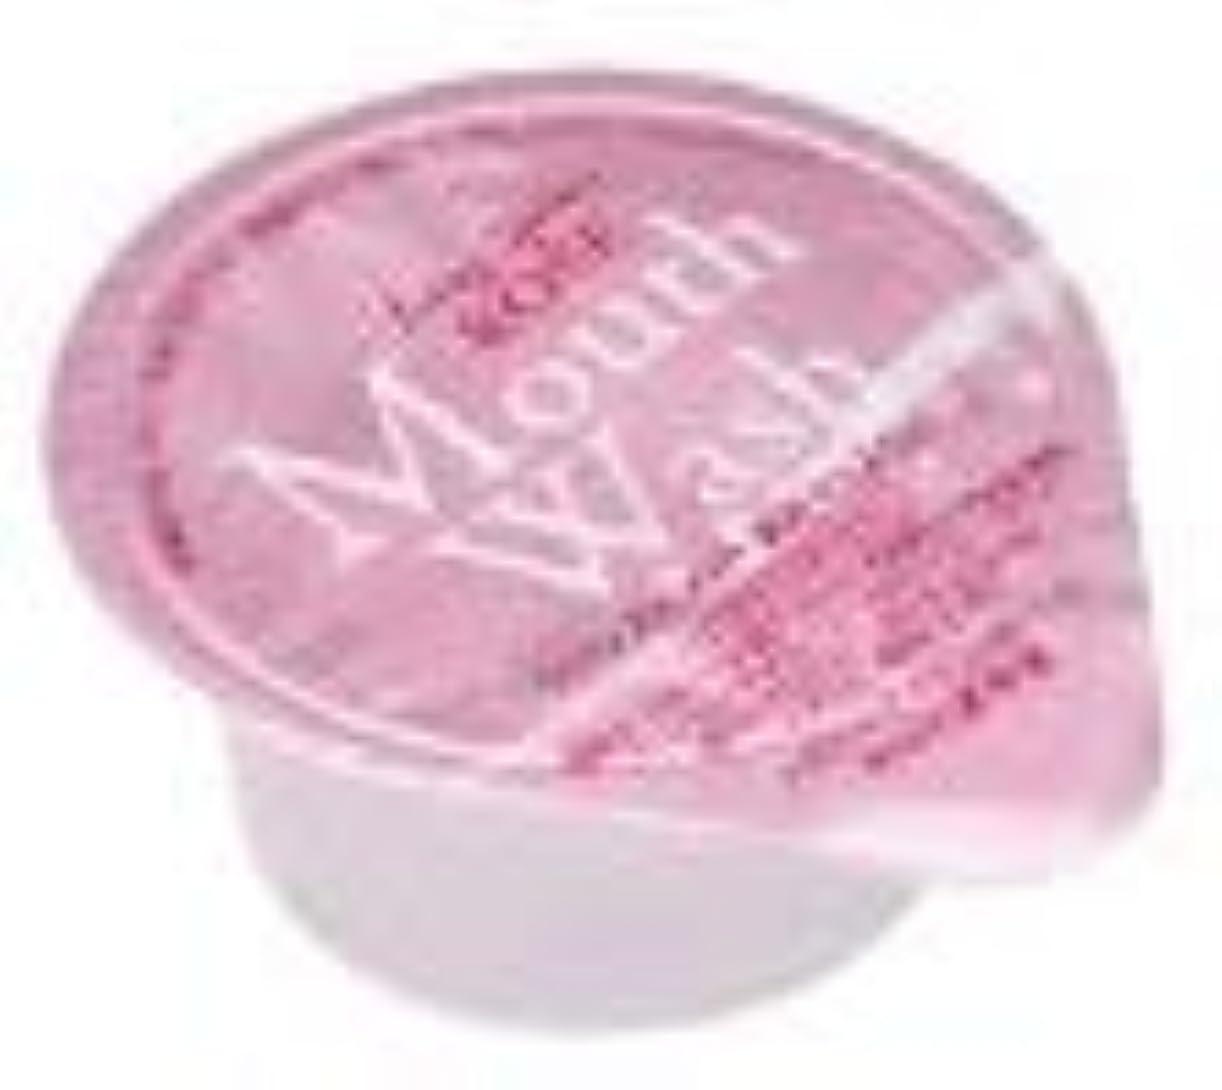 化学薬品ヤギ運動するオキナ 薬用マウスウオッシュ ロングスピン ピンク ローズ 1000個セット